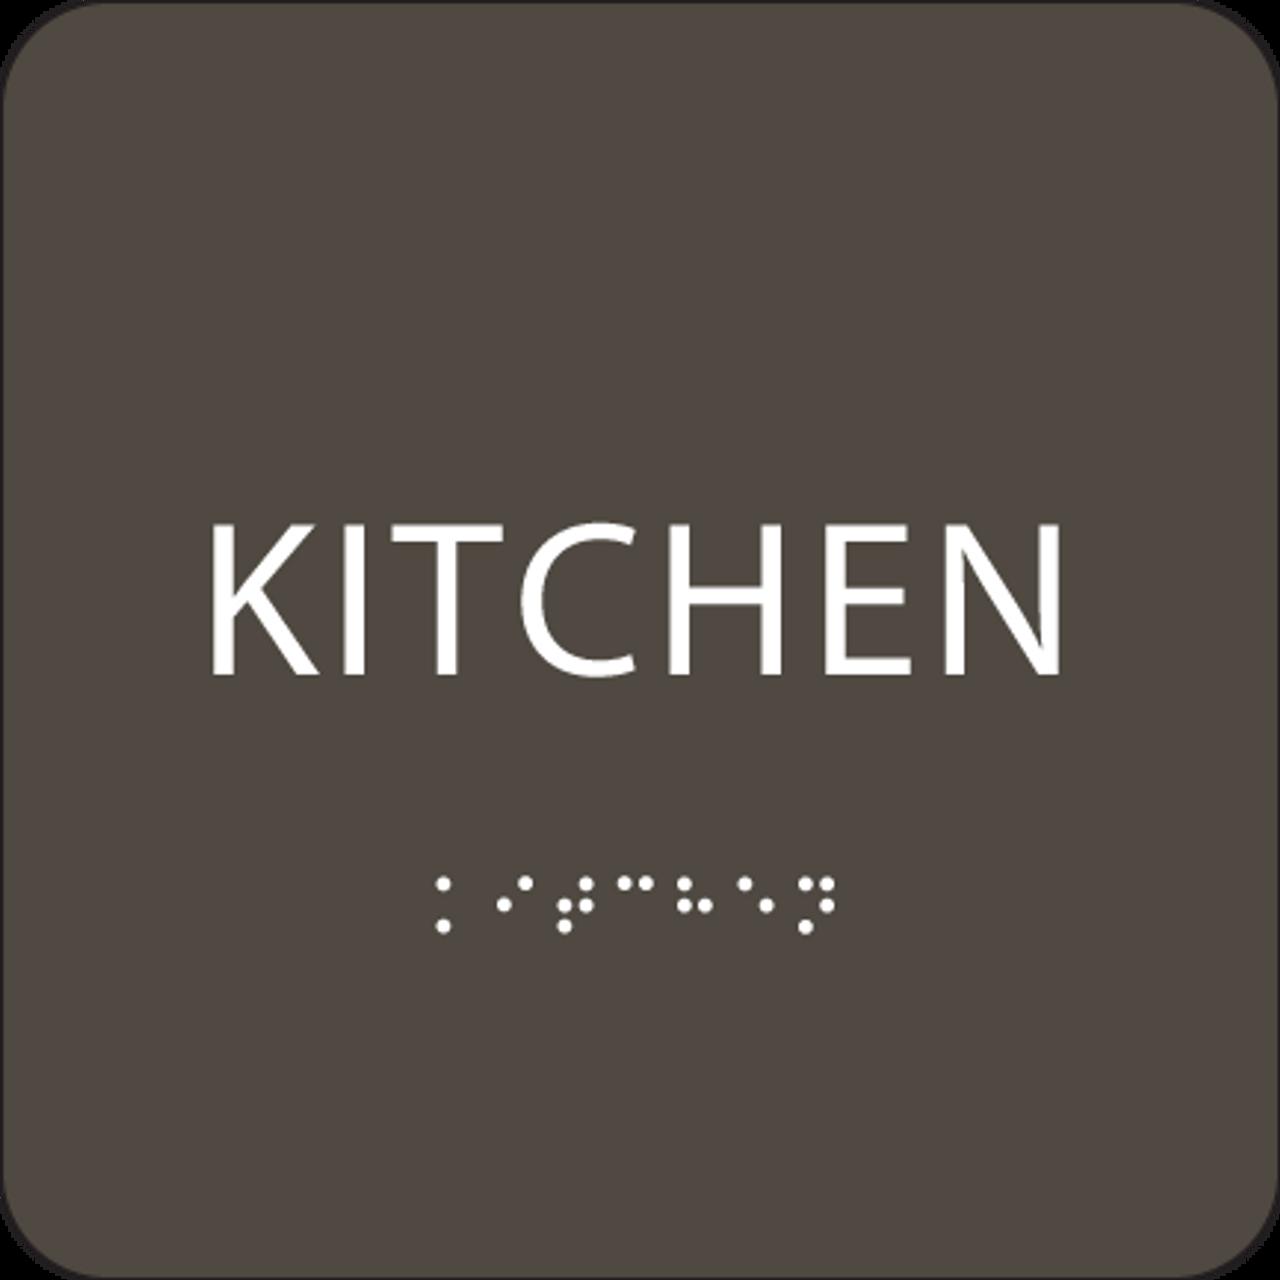 """Kitchen ADA Sign - 6"""" x 6"""""""